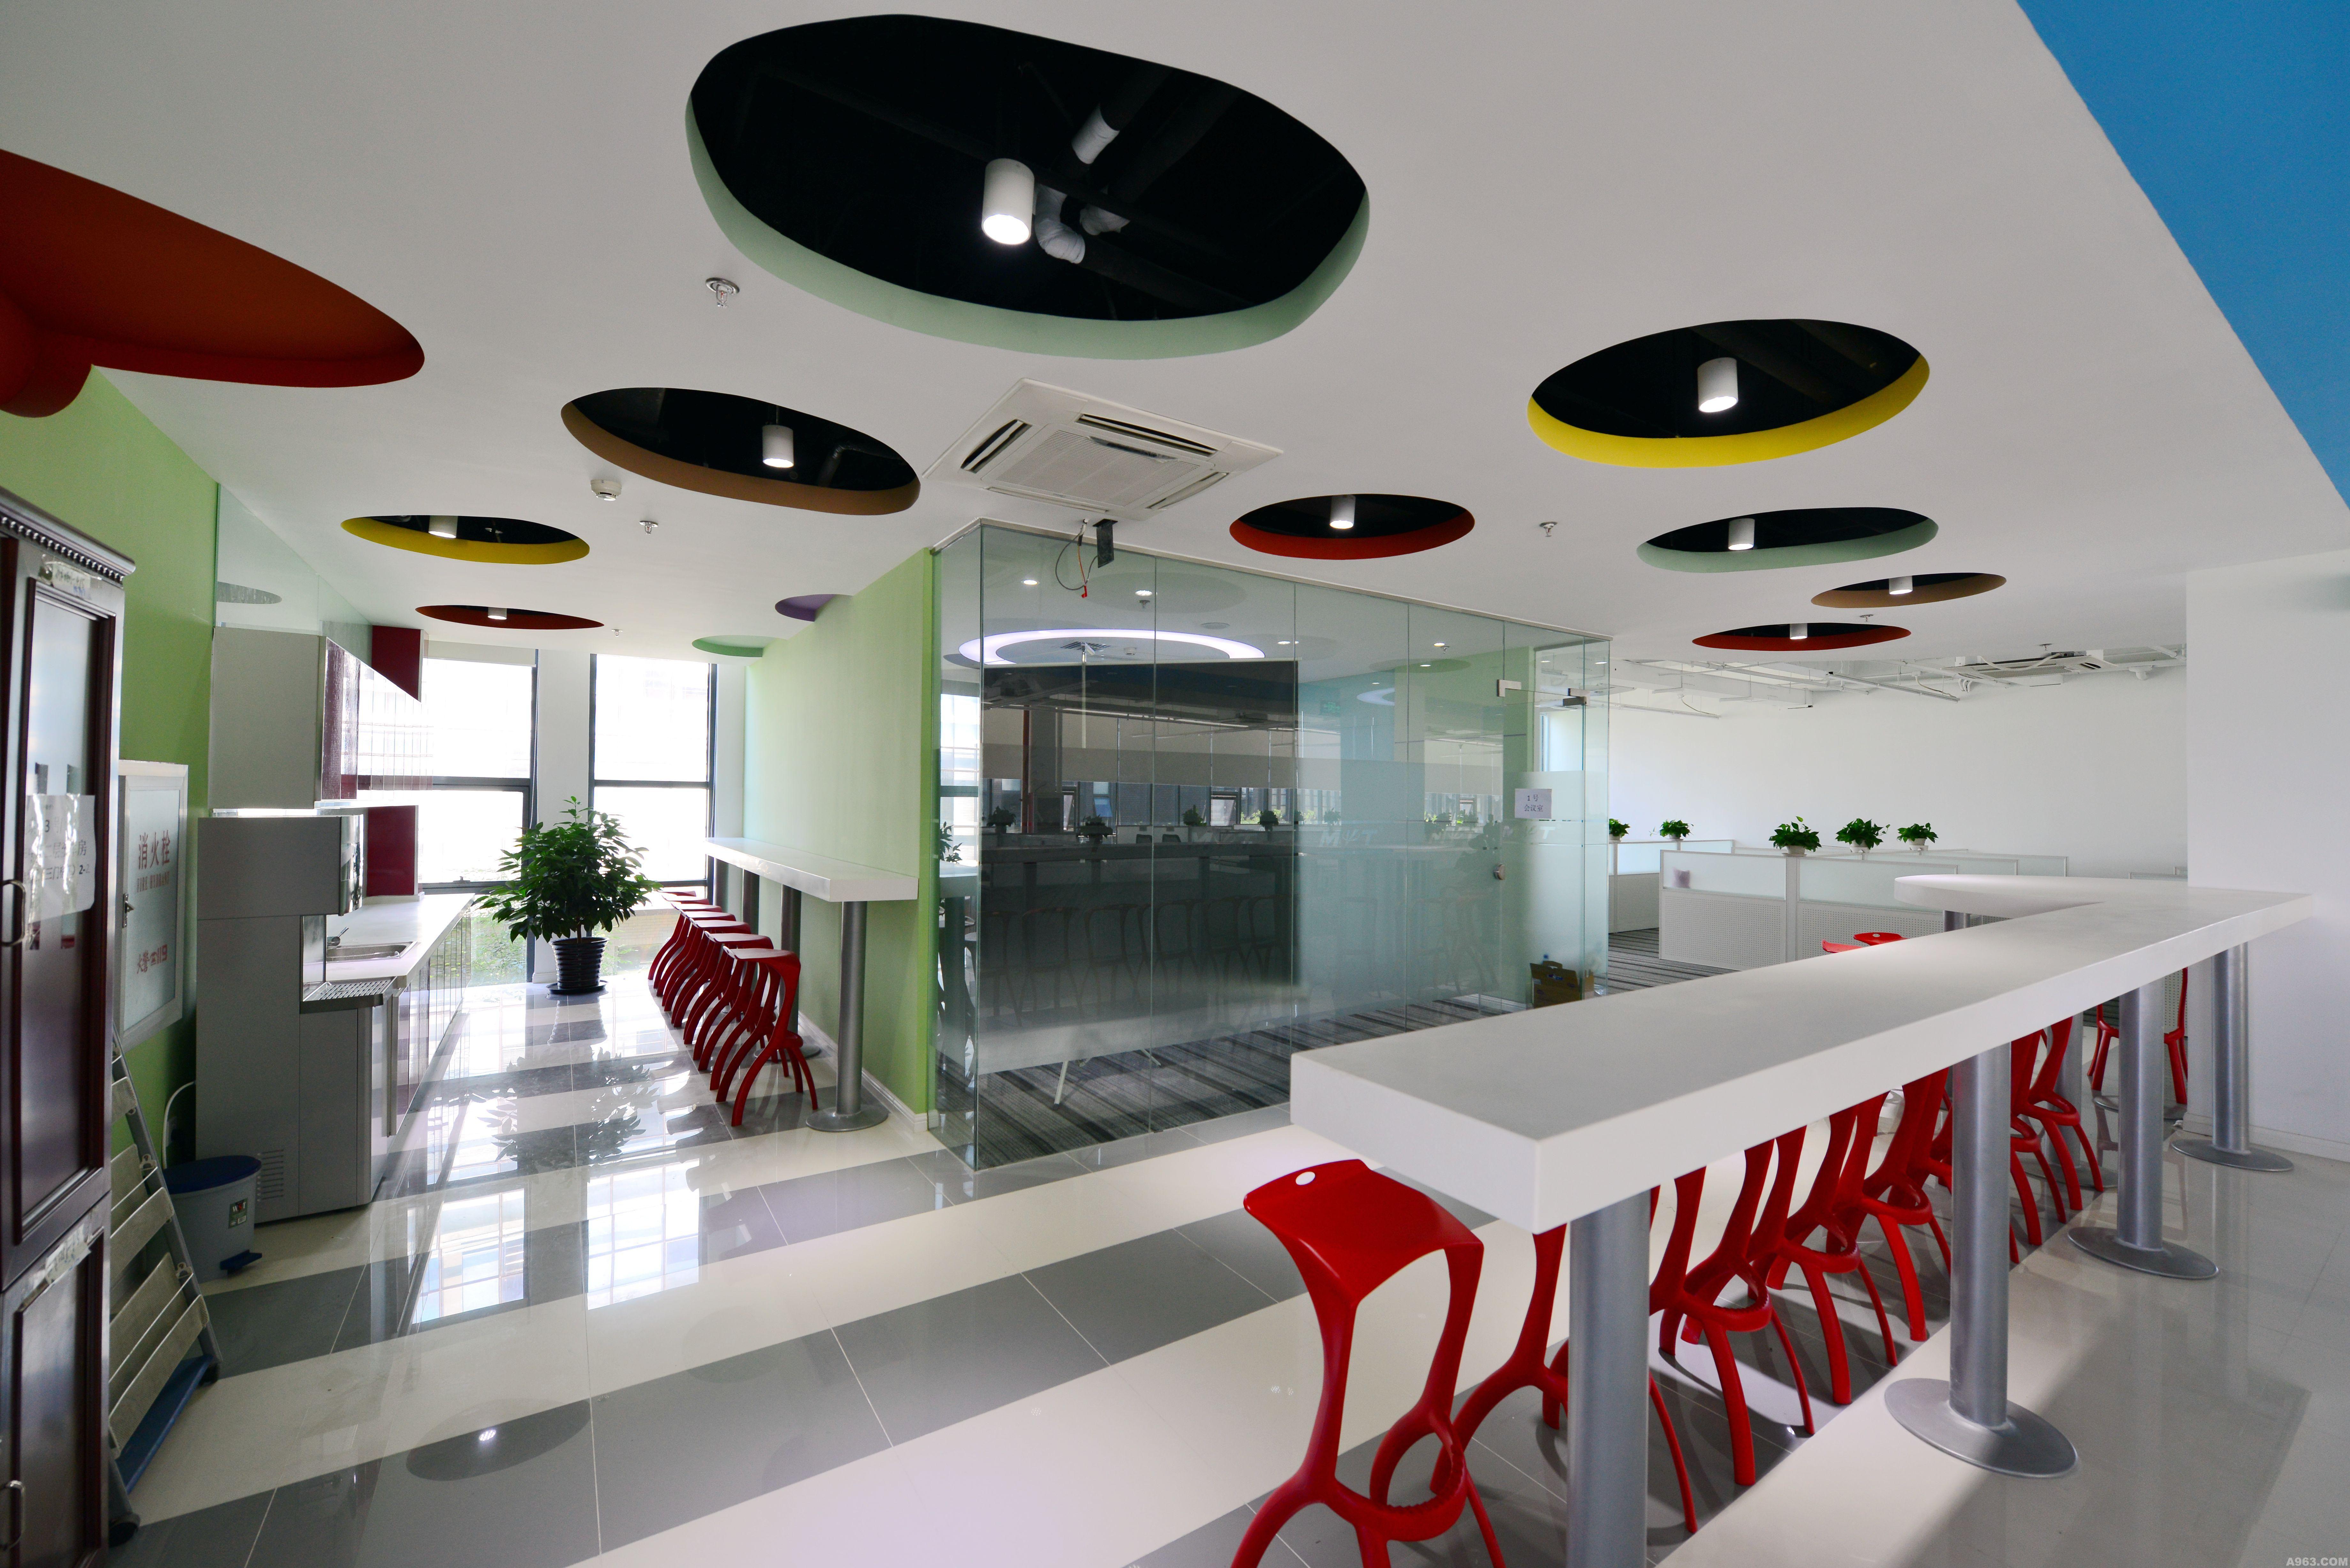 千禧维讯科技有限公司 - 办公空间 - 朱军杰设计作品